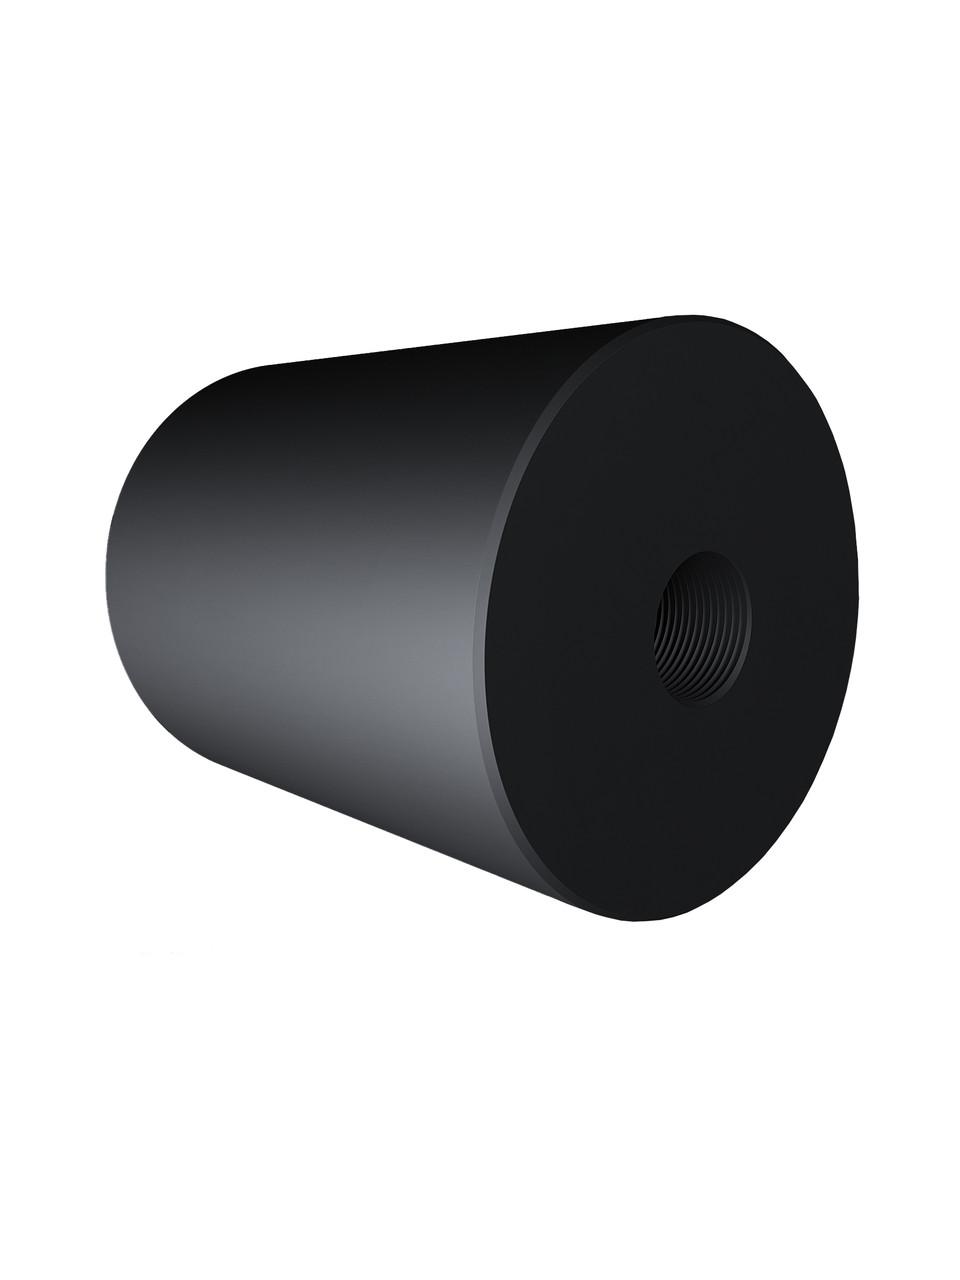 ODF-06-25-21-L50 Дистанція 50 мм для коннектора діаметром 40 мм з різьбою М8, чорний